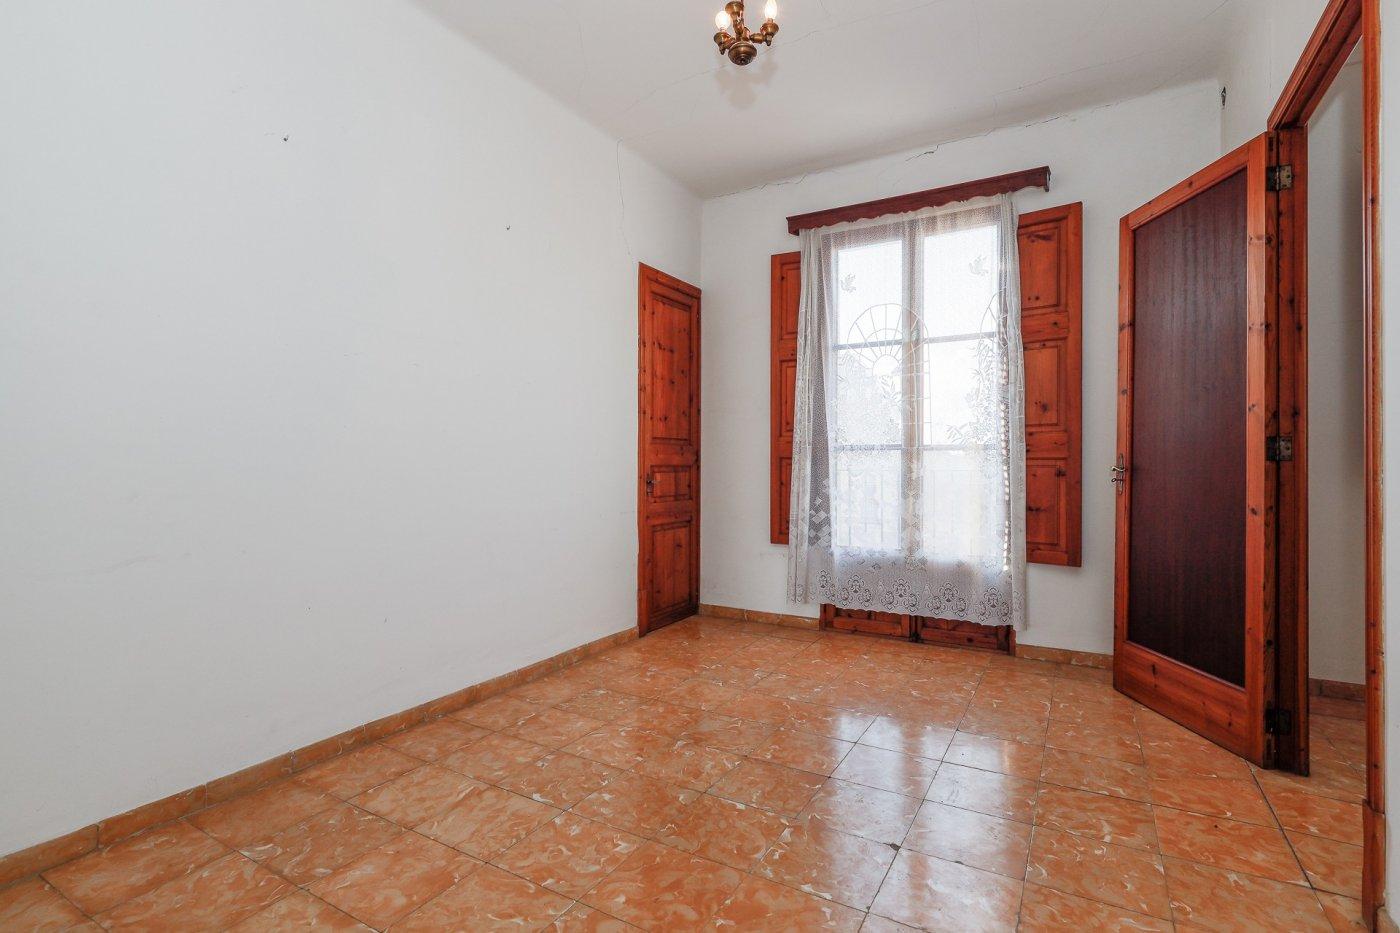 Casa con jardÍn en el centro de llucmajor - imagenInmueble24